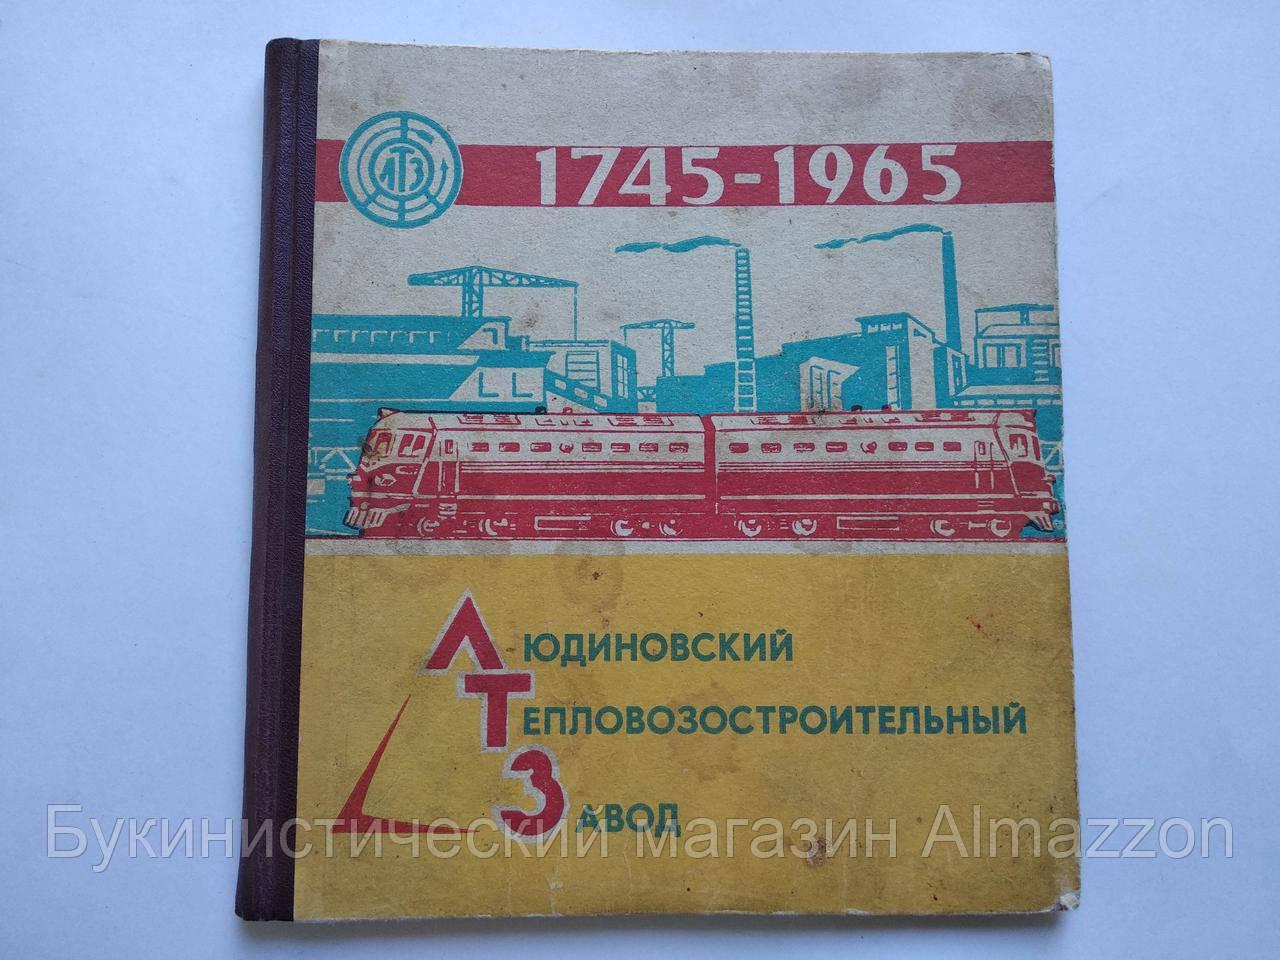 Людиновский тепловозостроительный завод. 1745-1965